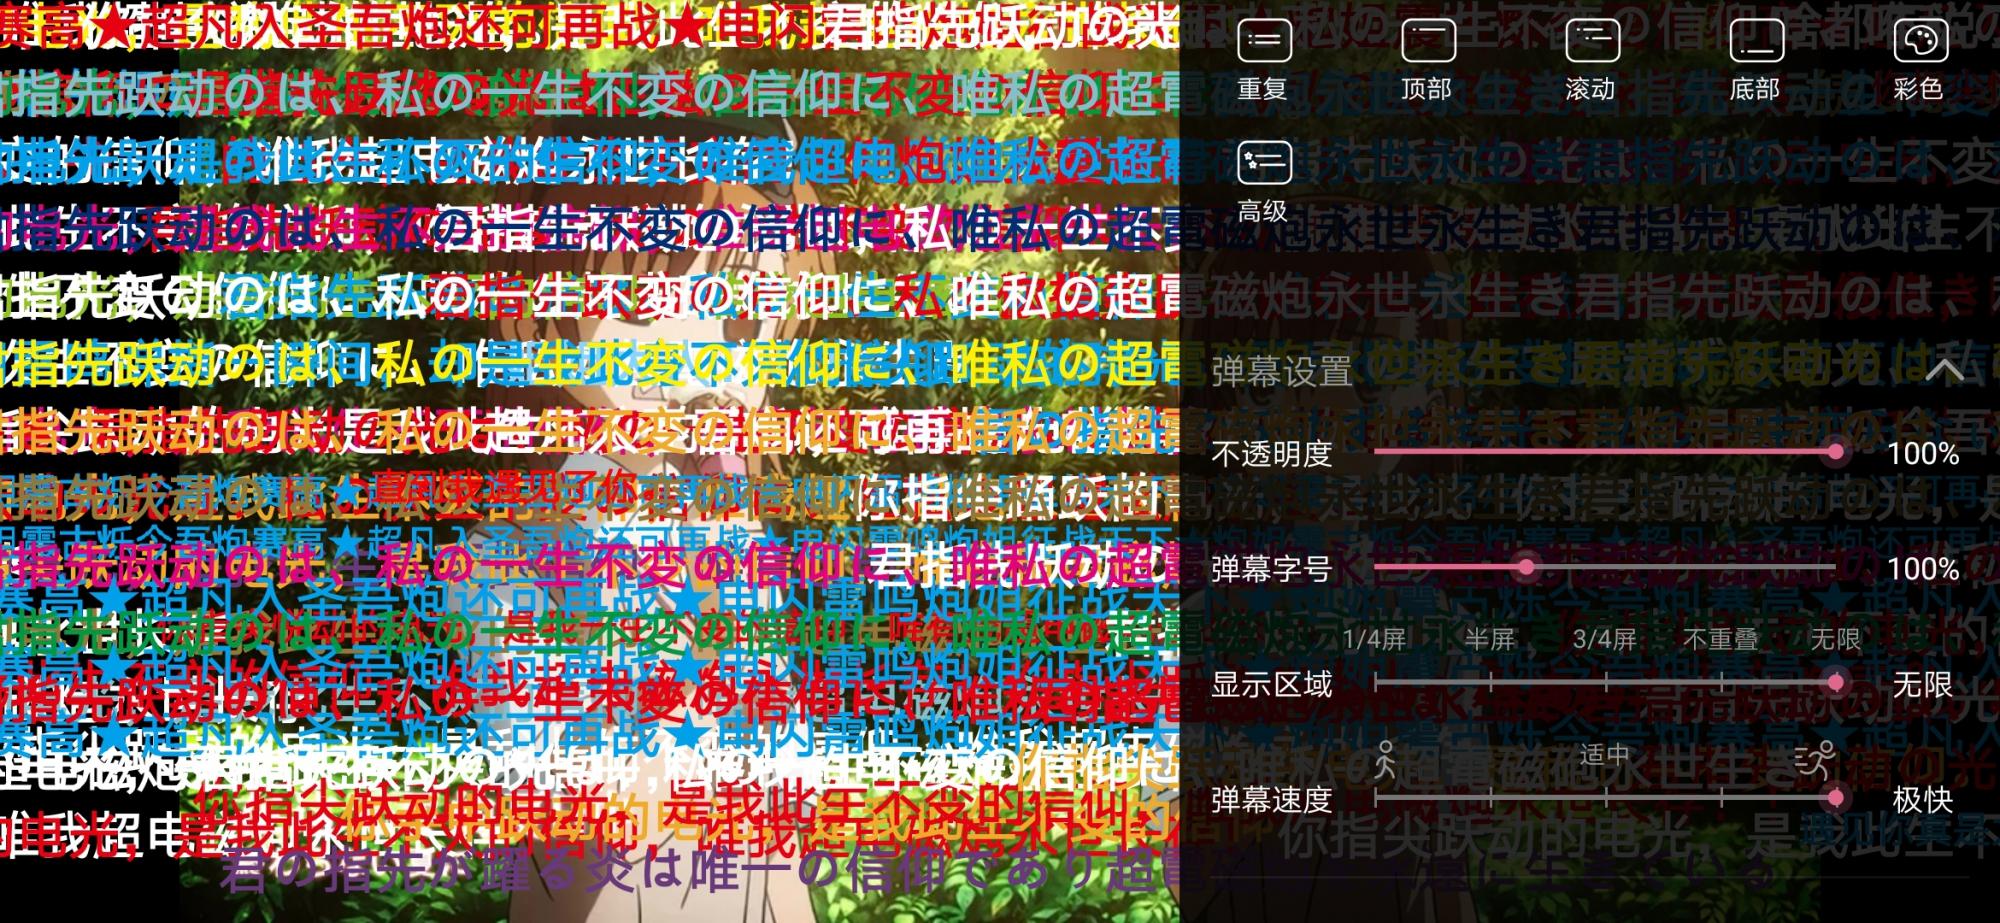 Screenshot_20190714_172828_tv.danmaku.bili.jpg